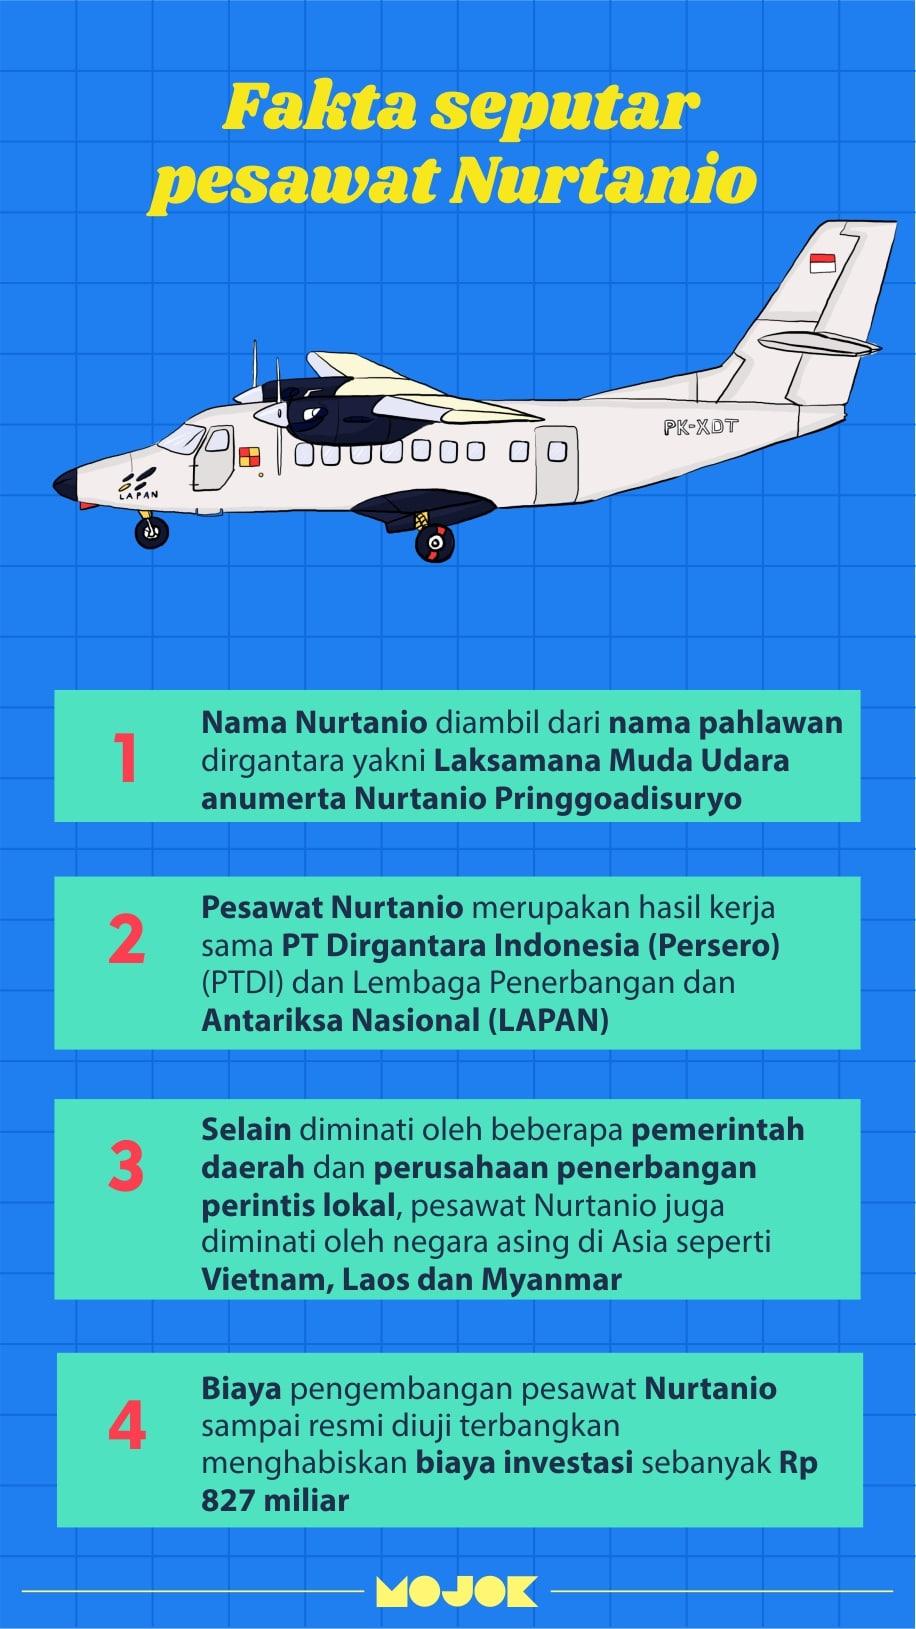 Pesawat nurtanio